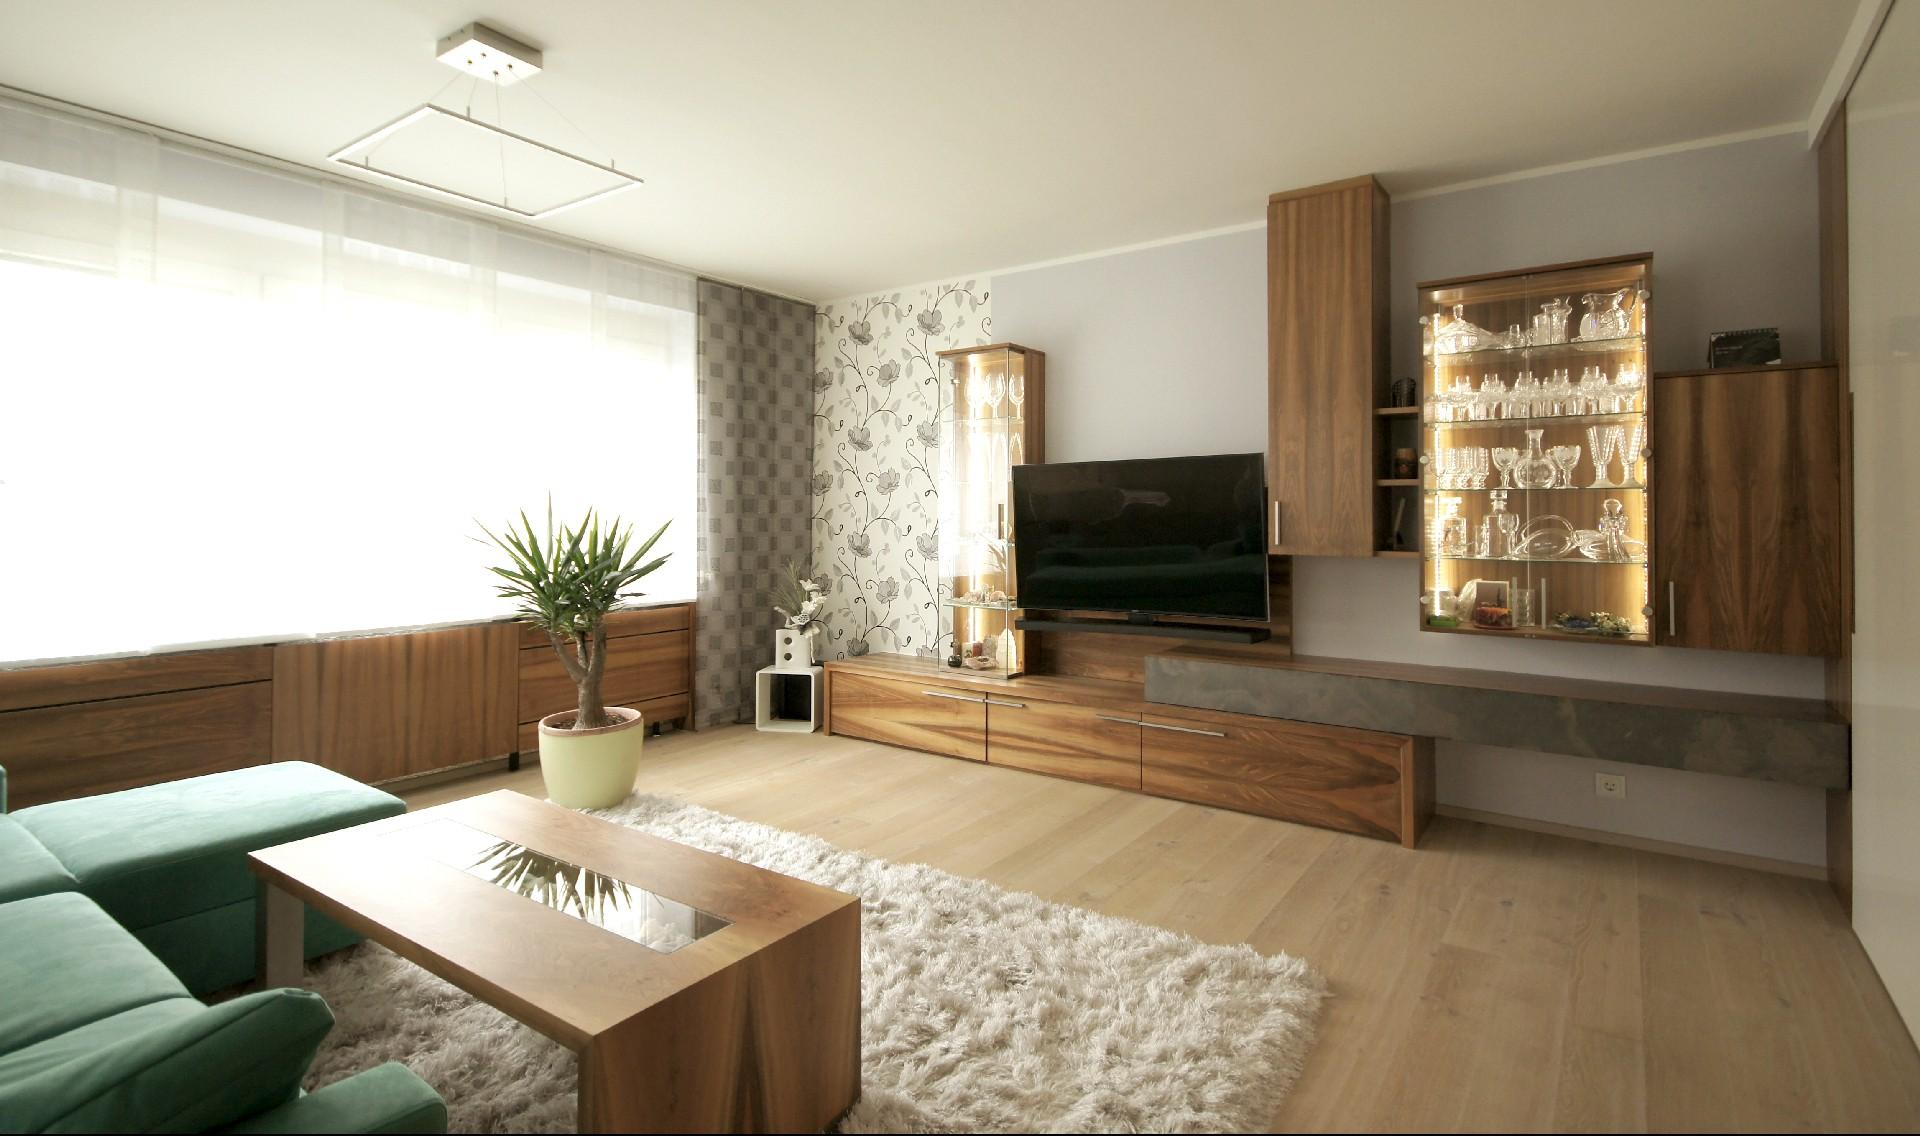 wohnzimmer planen und einrichten b hm m bel freistadt. Black Bedroom Furniture Sets. Home Design Ideas